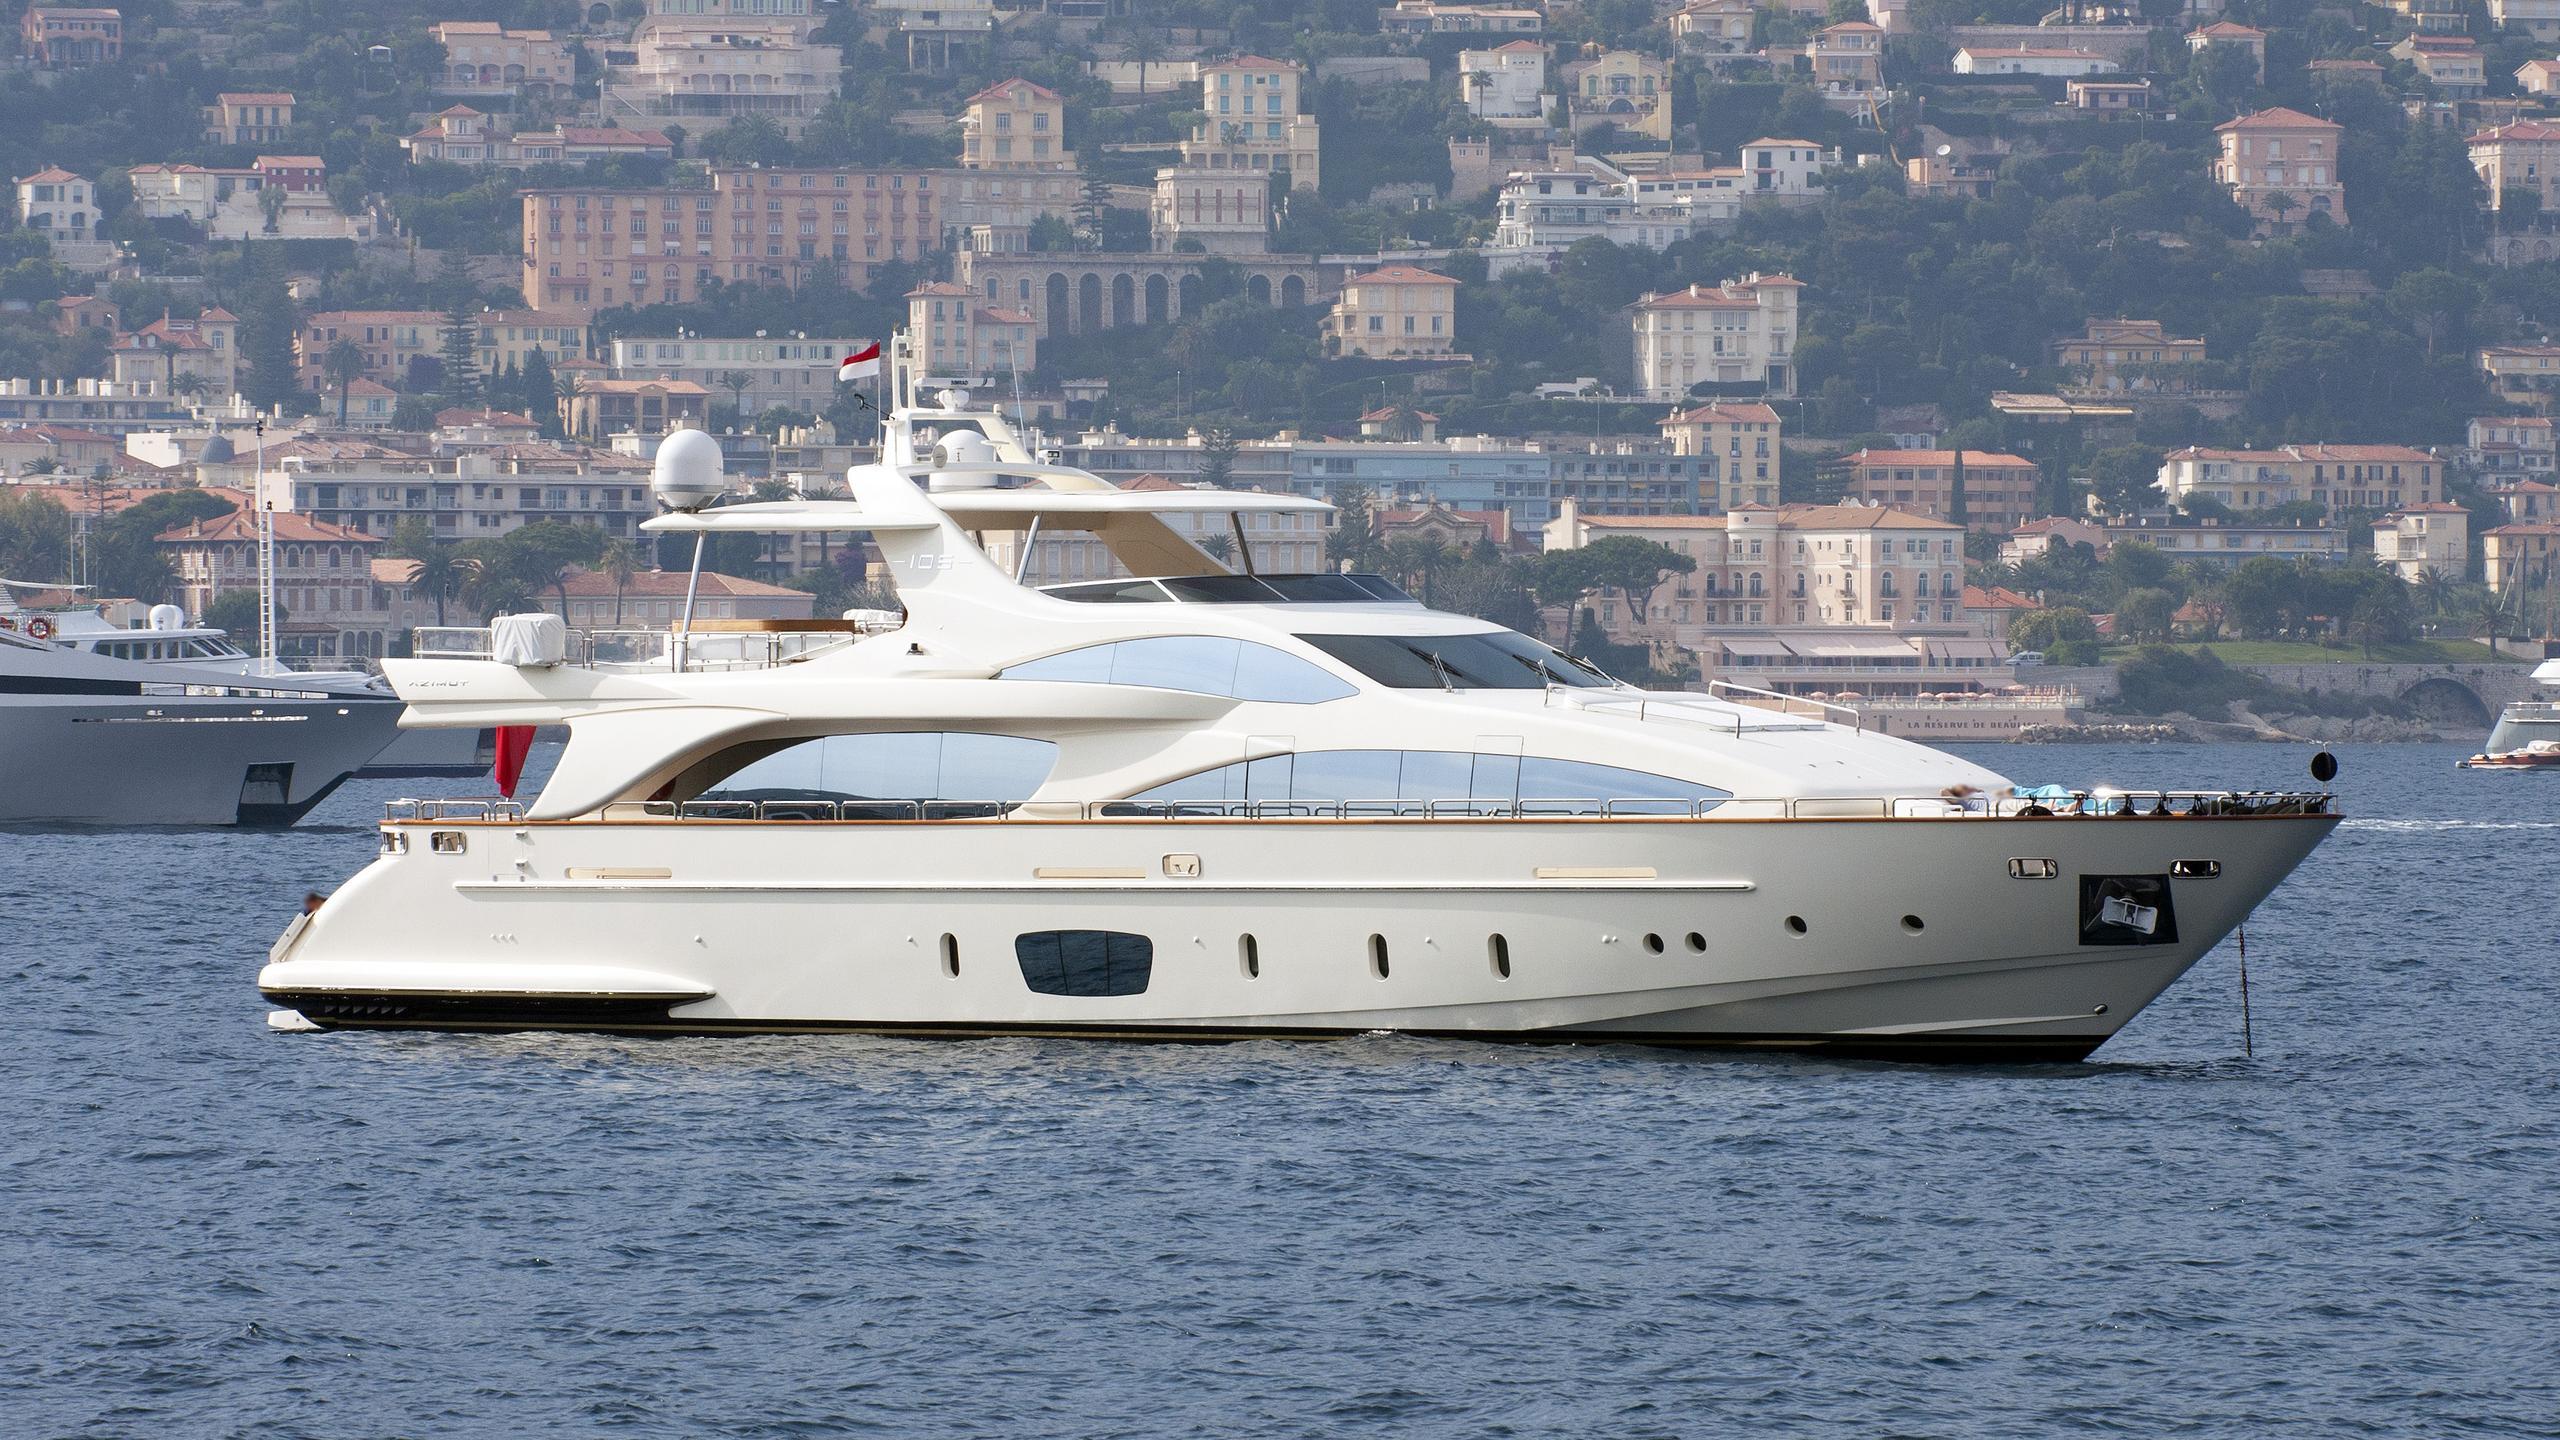 alma-motor-yacht-azimut-105-2008-31m-profile